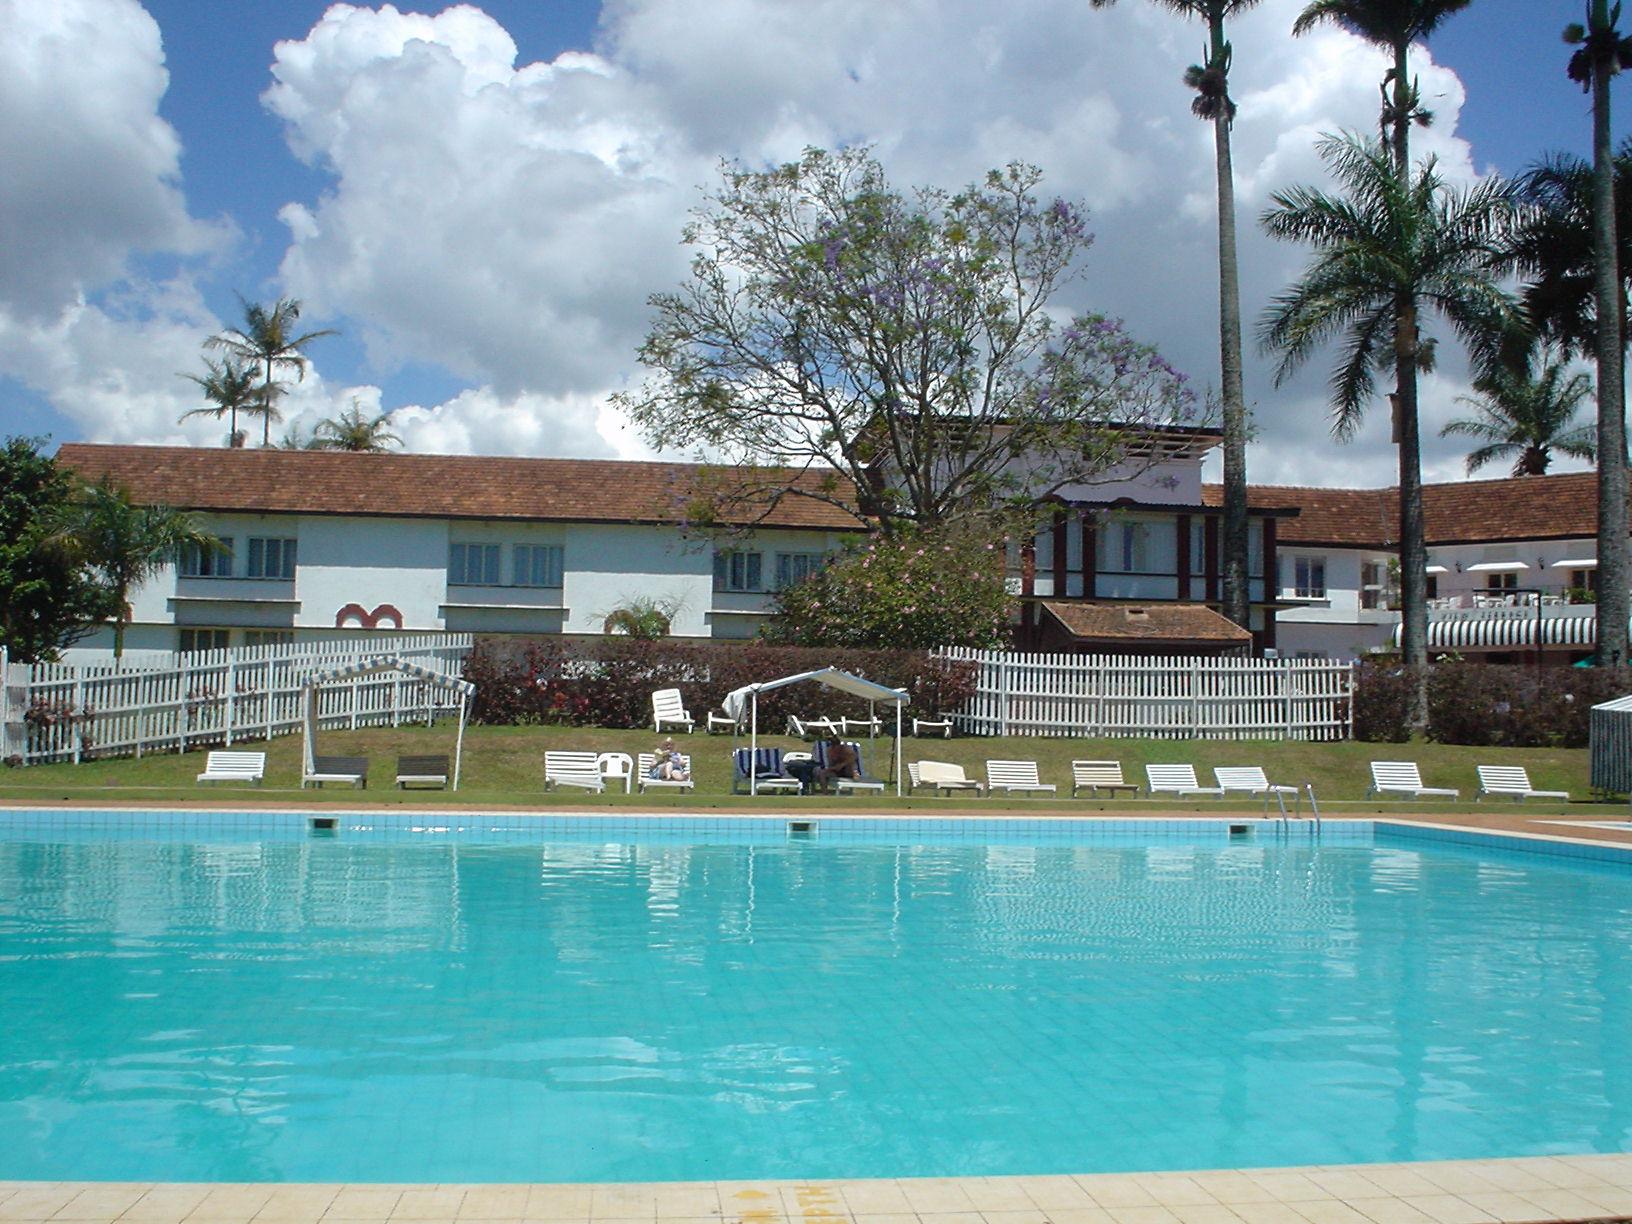 Entebbe-Bunia 014.jpg